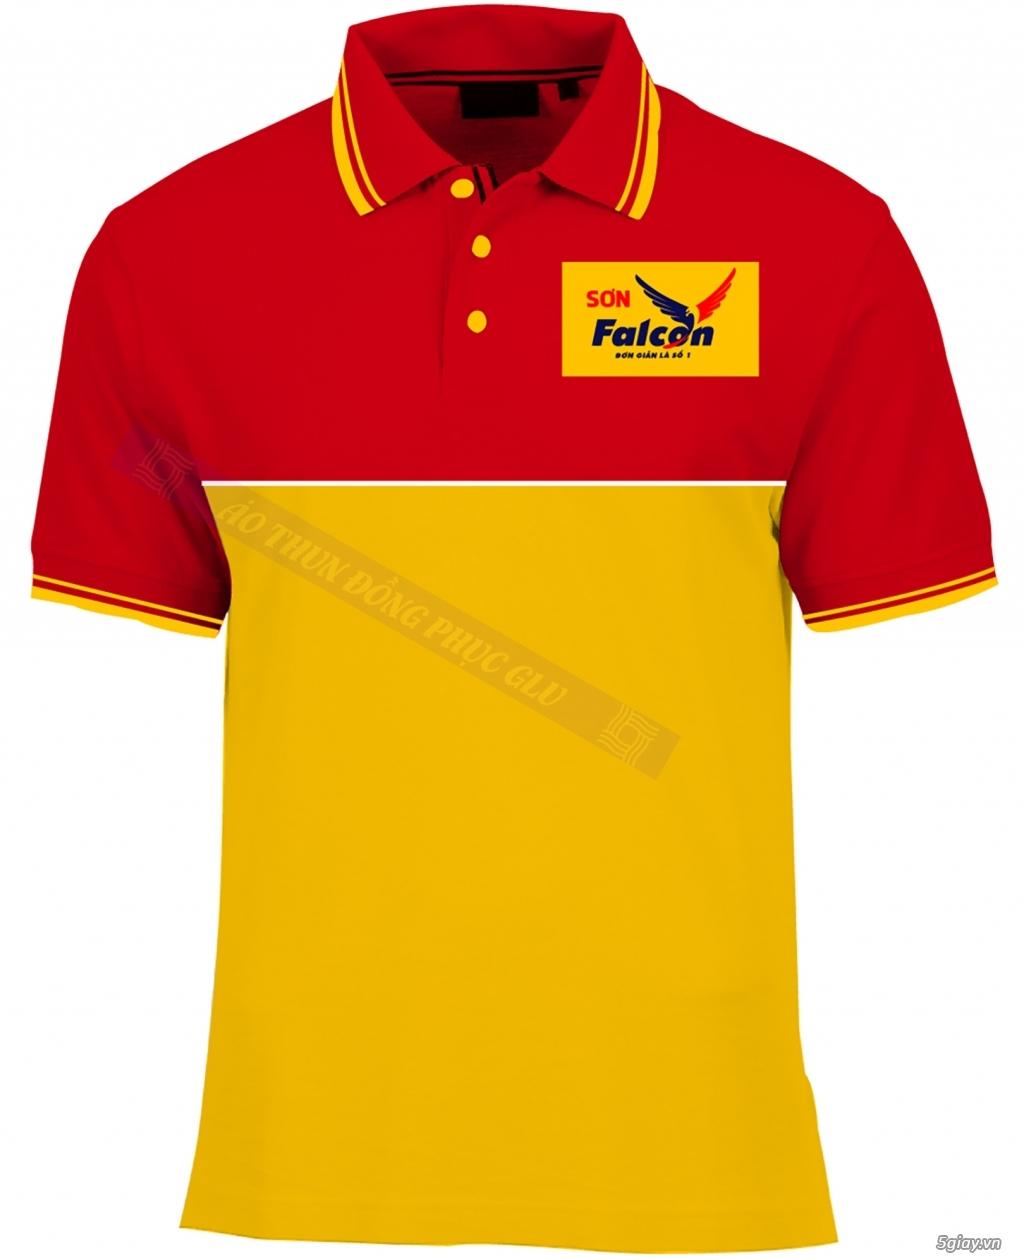 May áo thun đồng phục cao ty chất lượng, giá rẻ nhất TPHCM - 30